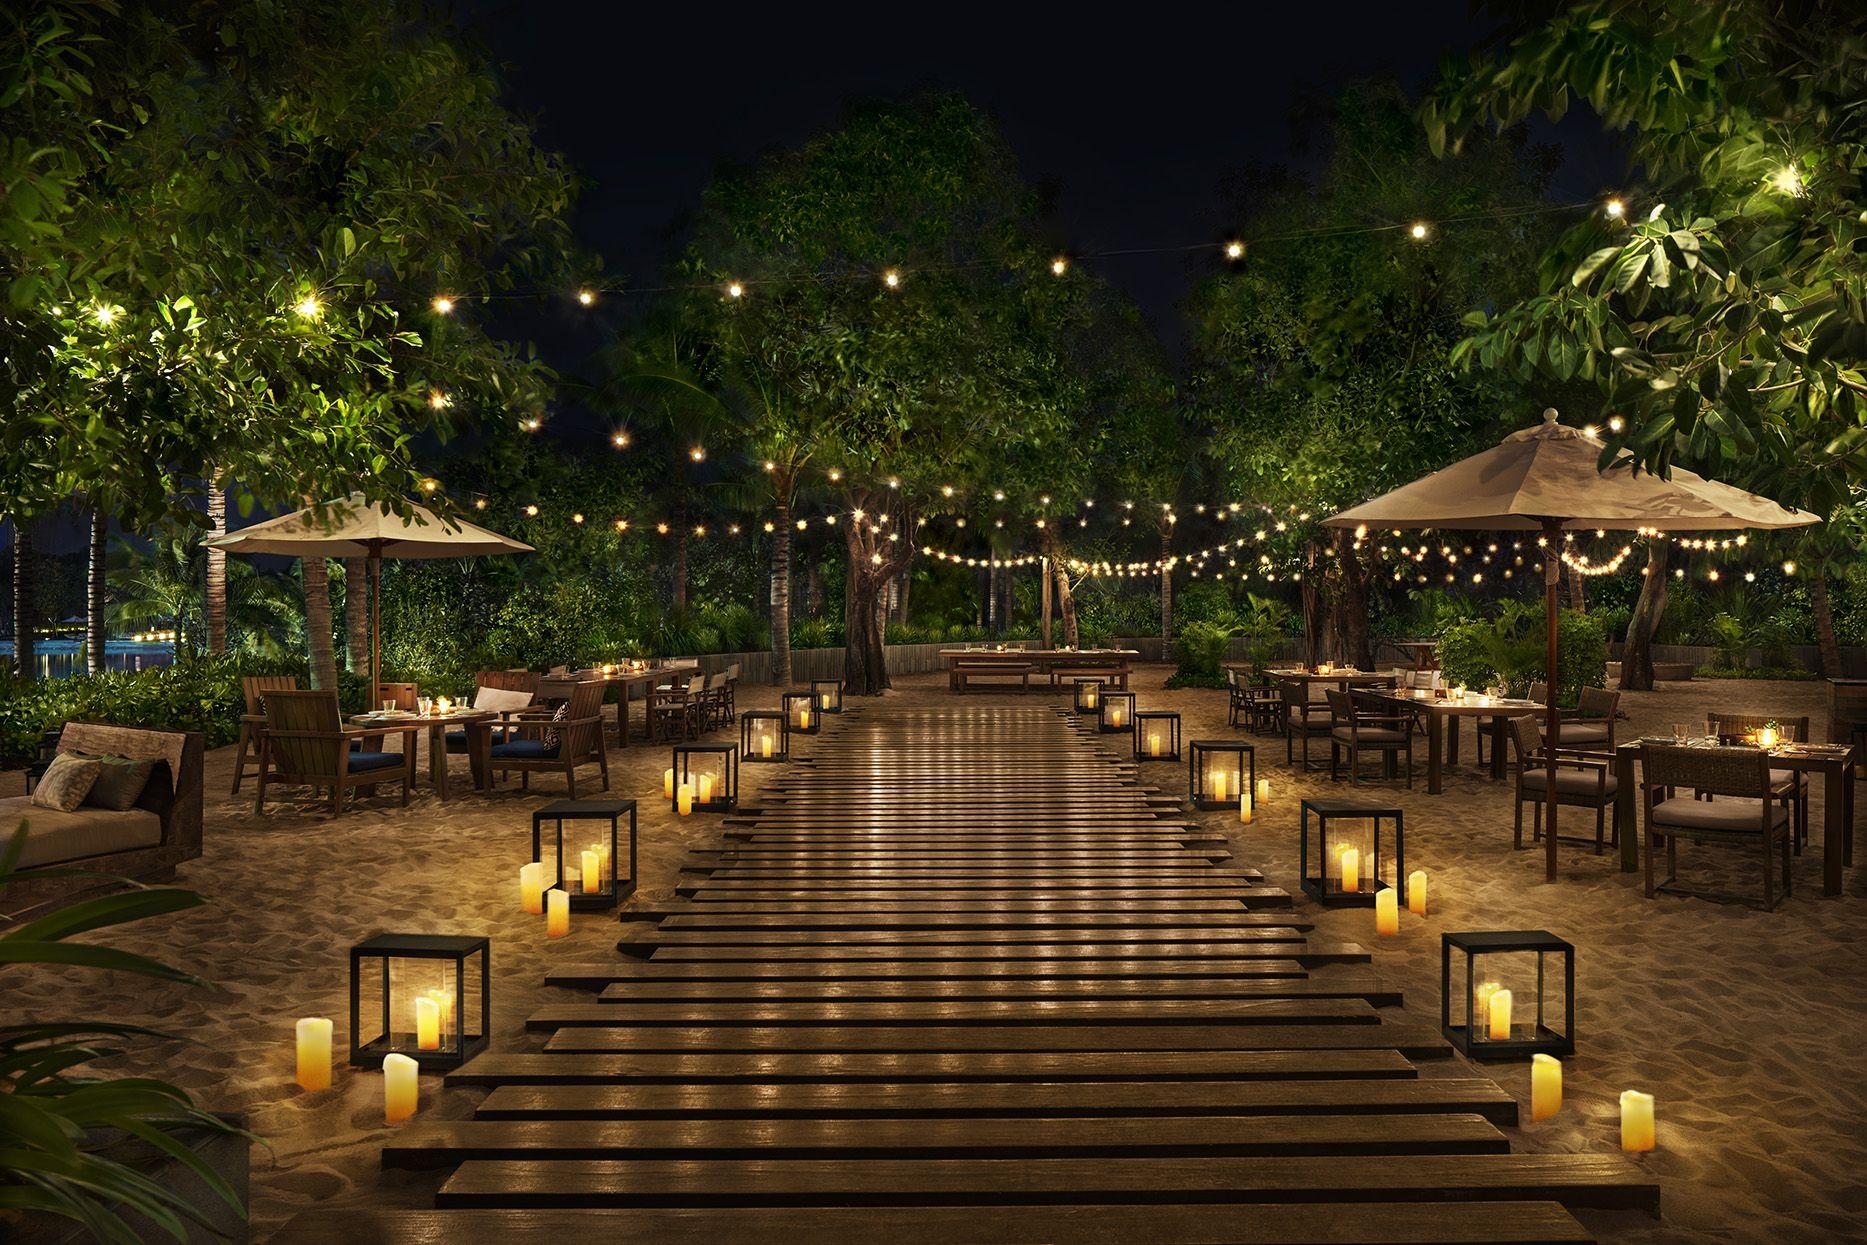 Barbacoa Restaurant Outdoor Seating Outdoor Restaurant Design Restaurants Outdoor Seating Edition Hotel